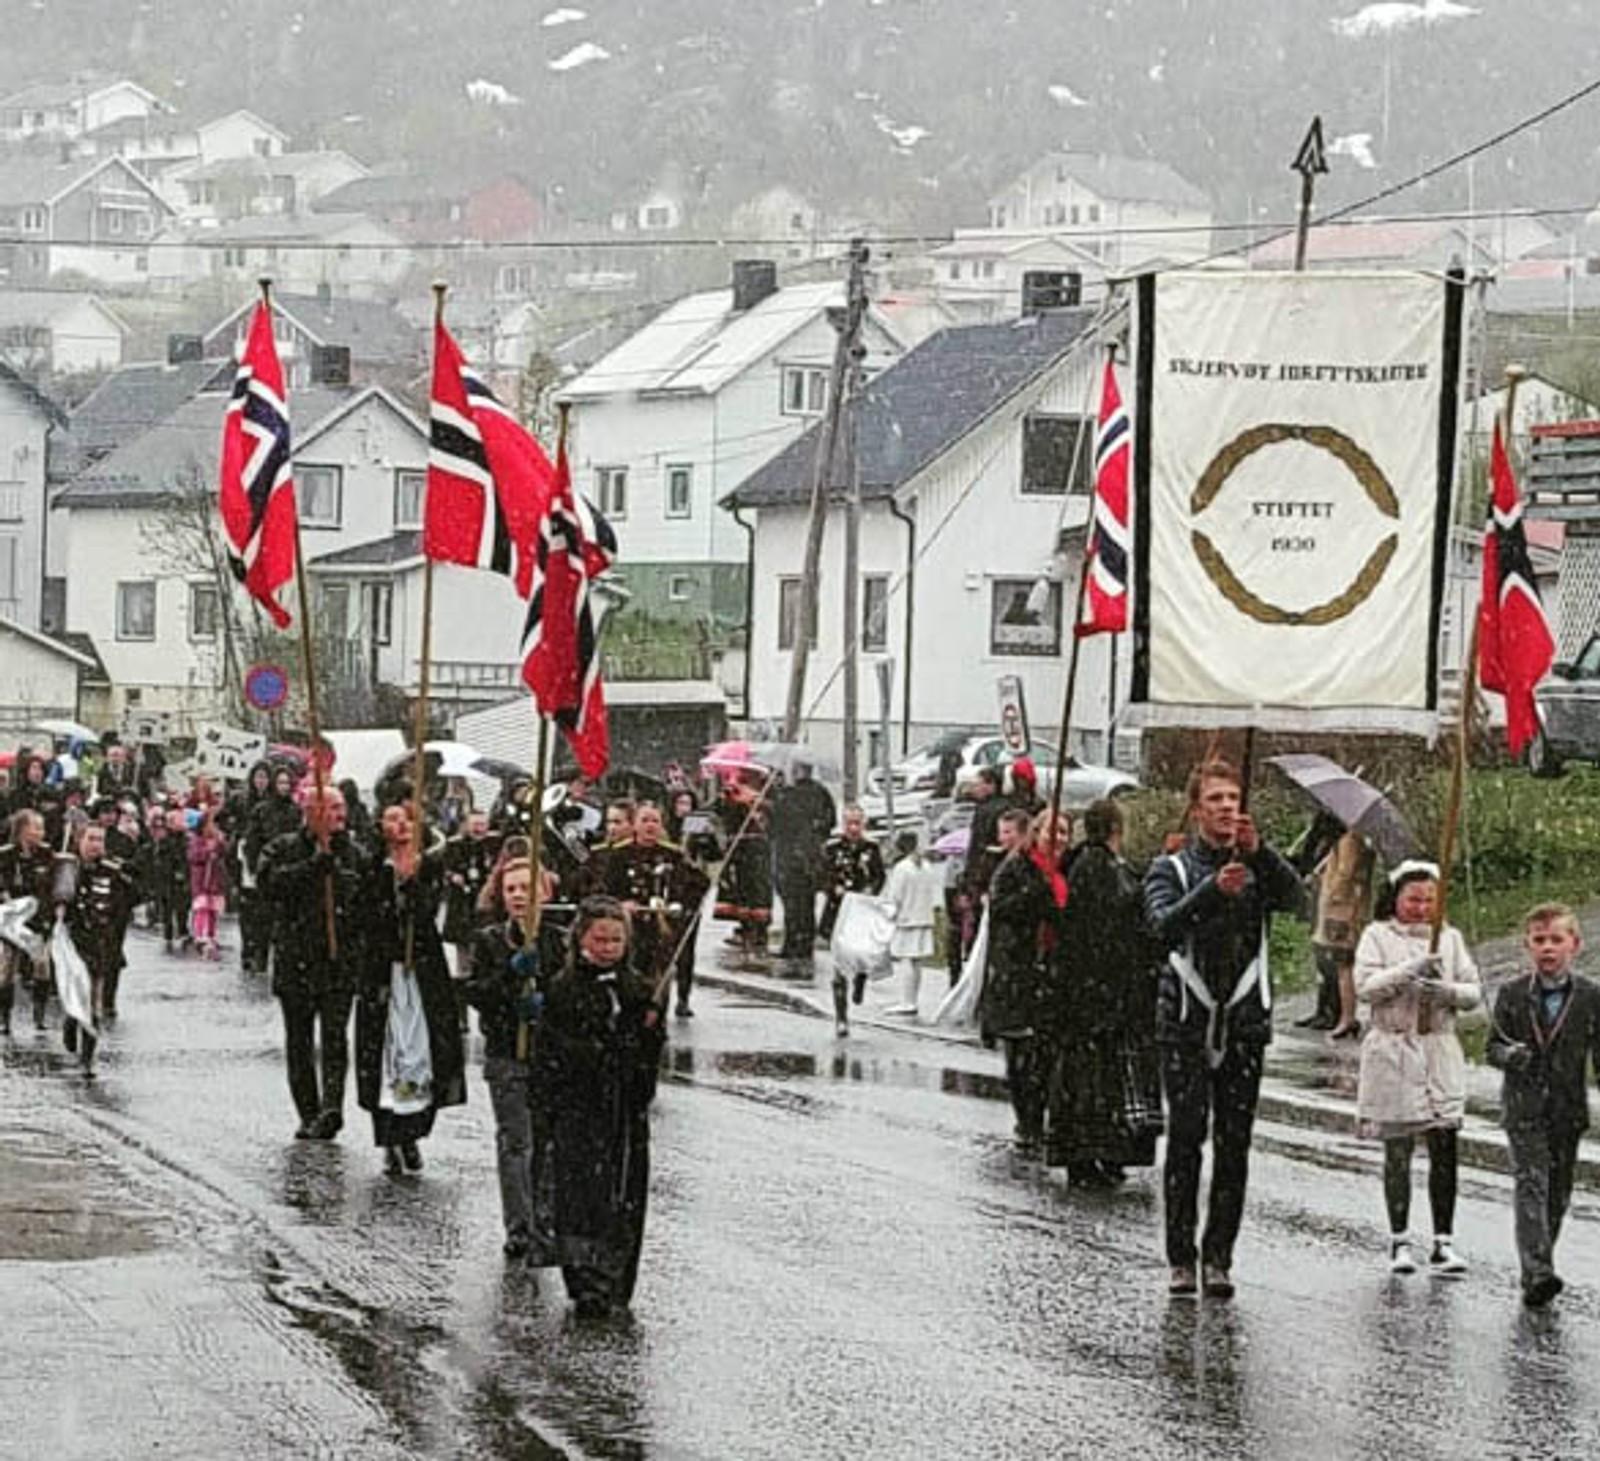 – 17. mai! Været kan vi ikke gjøre noe med, så vi feirer uavkortet likevel. Dette er Nord-Norge sin egen sjarm, skriver Instagram-brukeren ingerjrelax. Bildet er tatt i Skjervøy kommune.